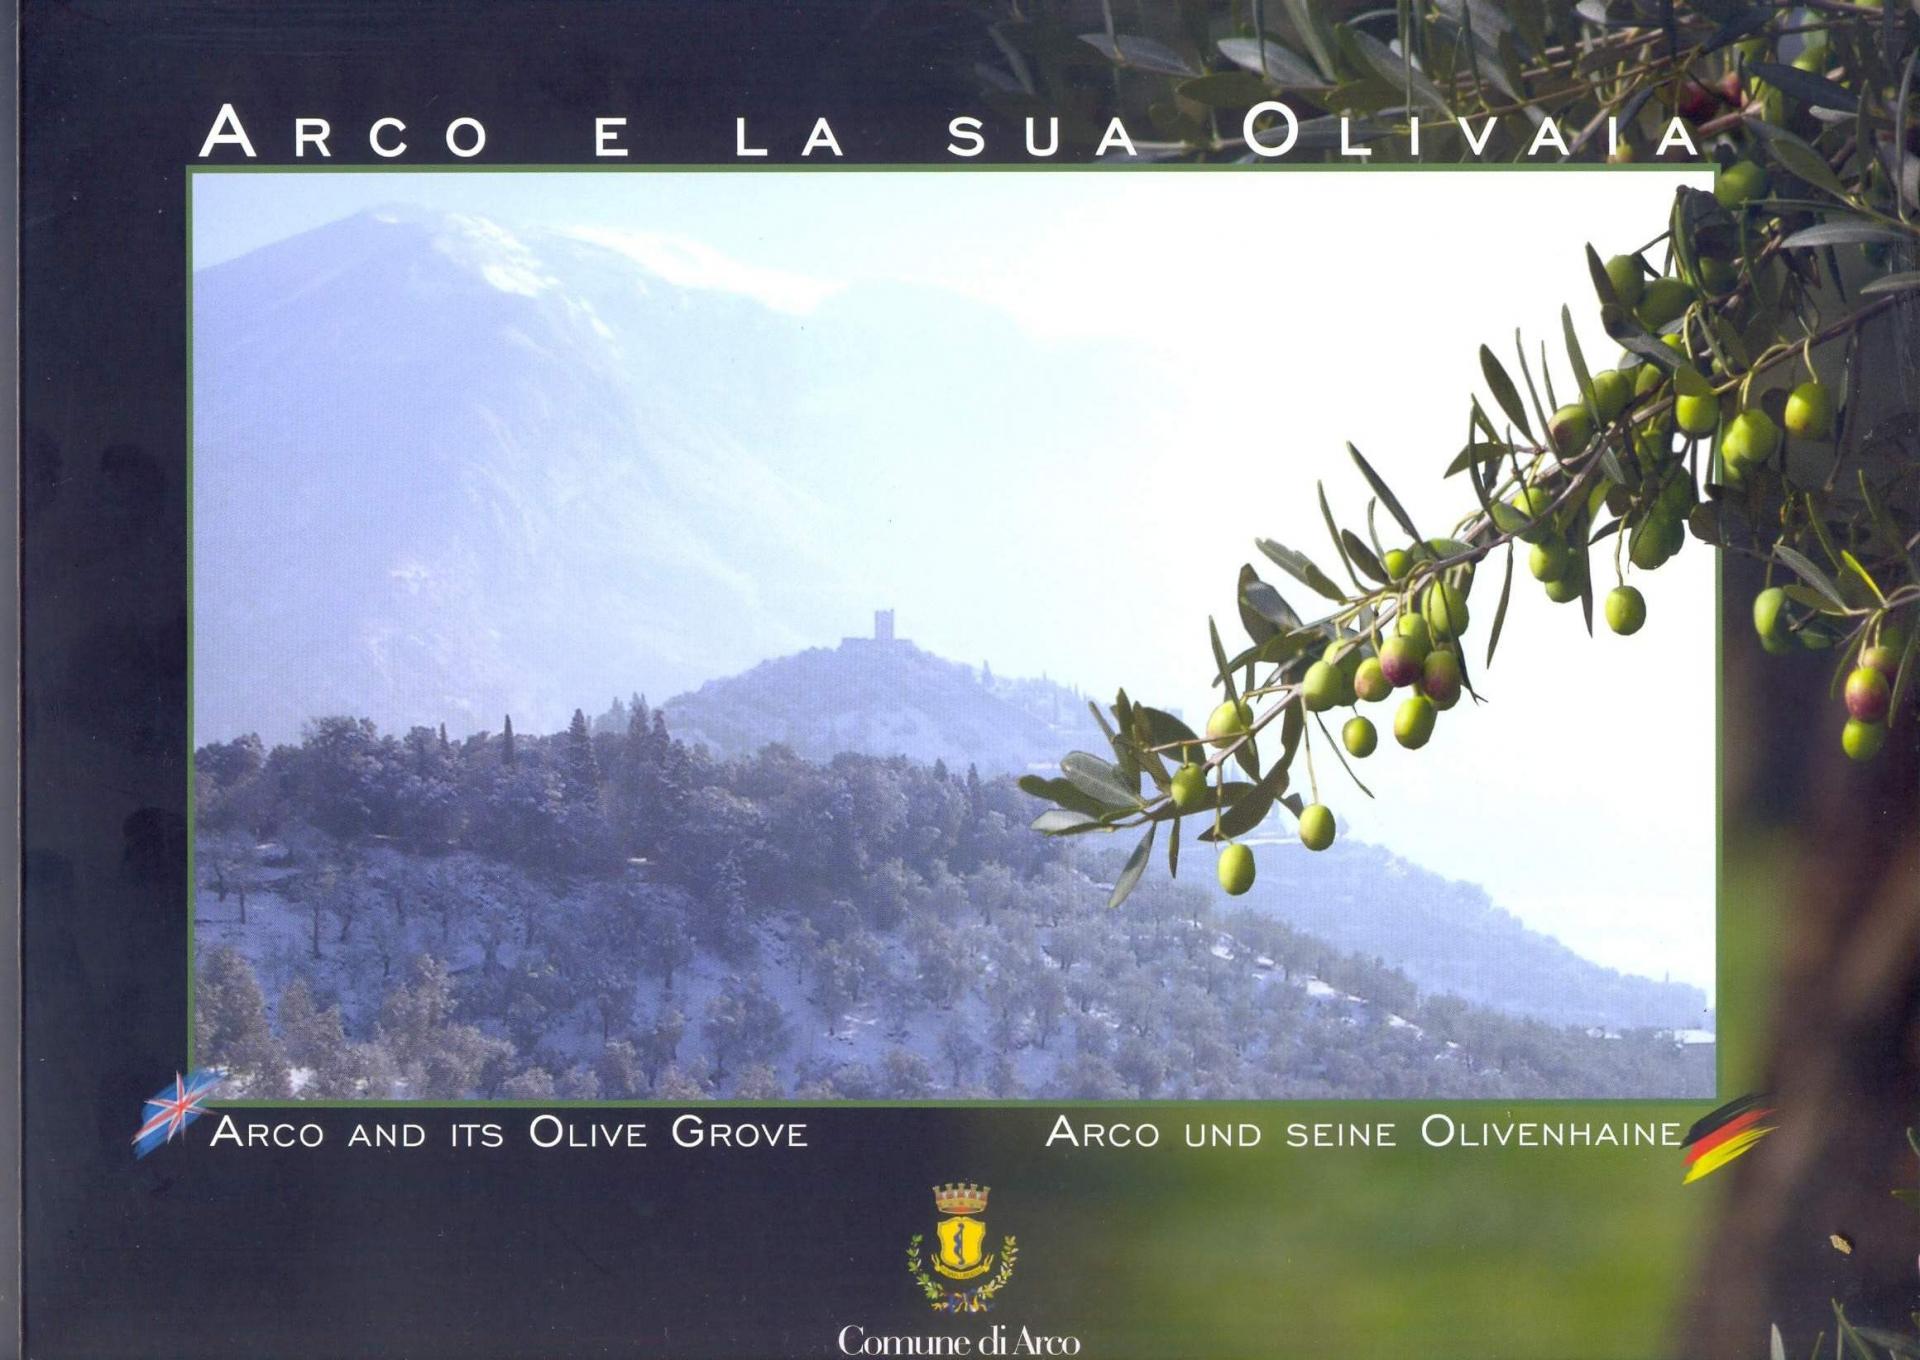 Arco e la sua olivaia